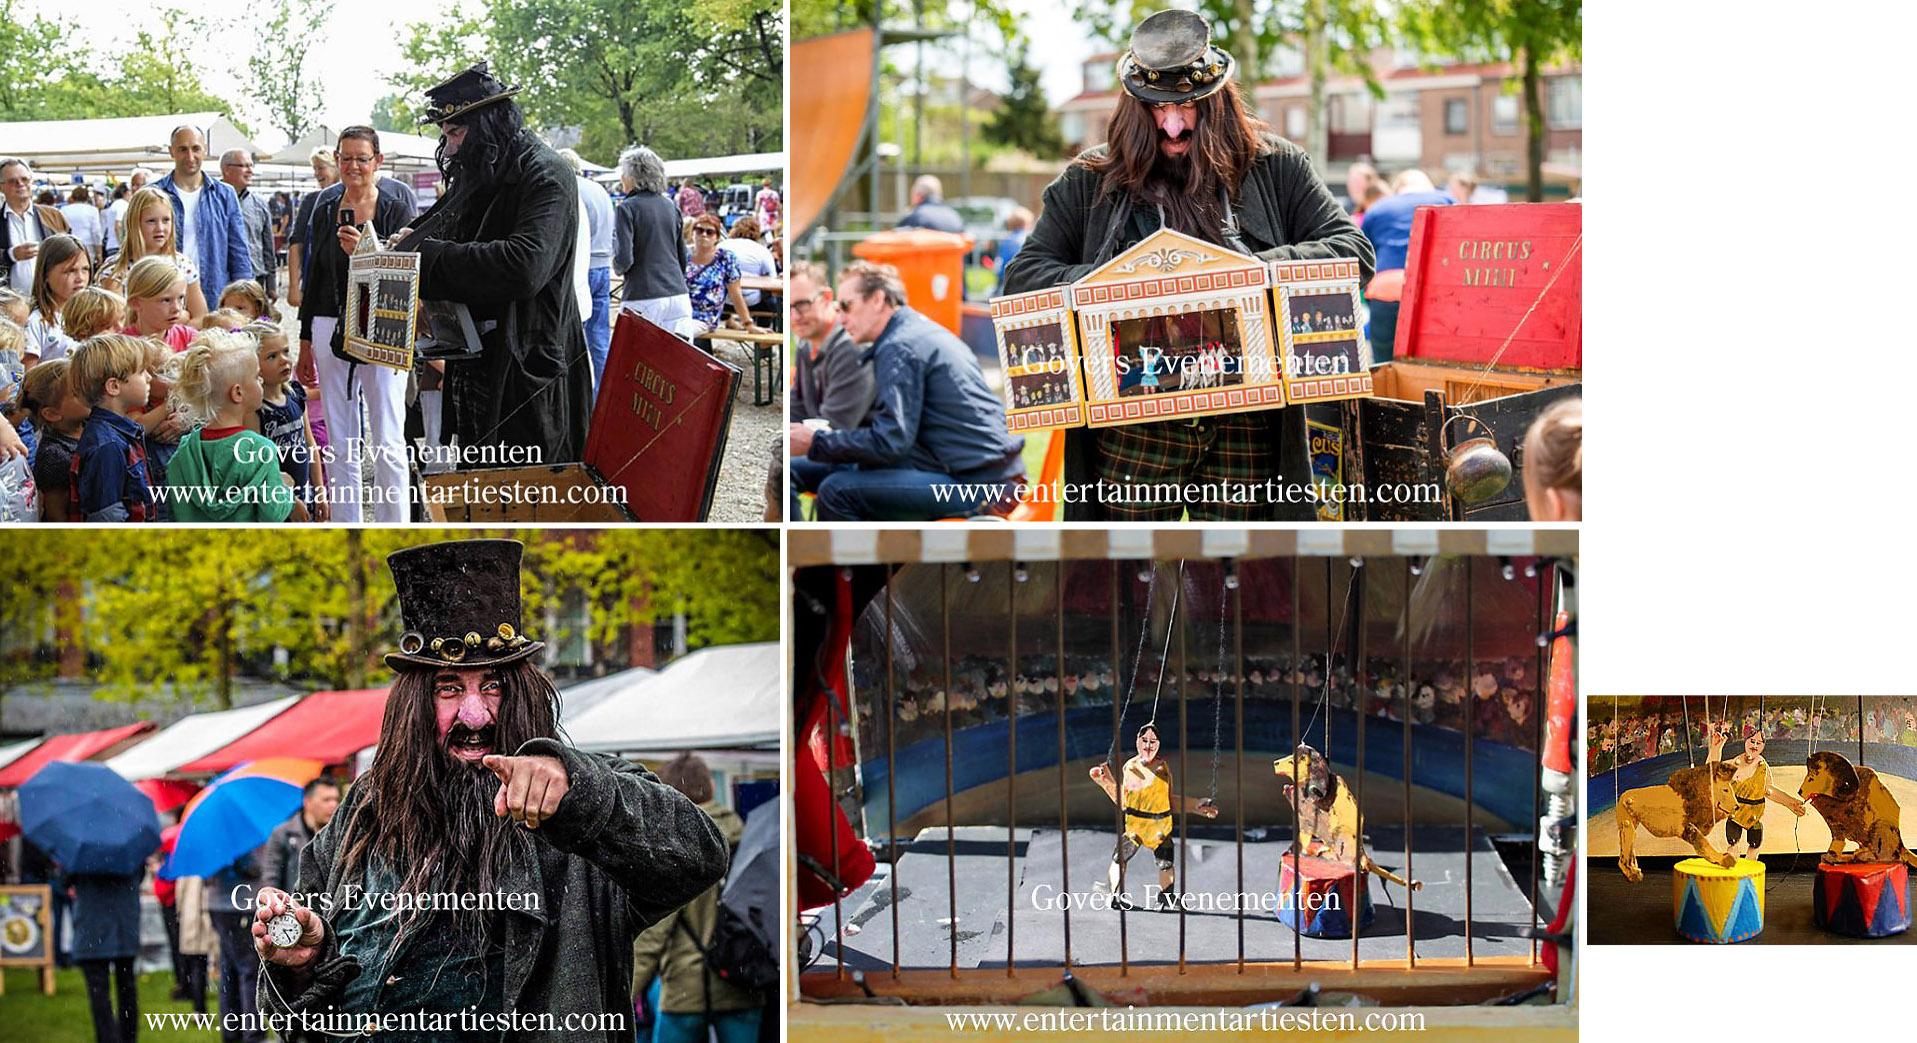 artiesten boeken, circus, poppentheater, straattheater, straatact, animatie acts, Circus mini, kindervoorstelling, Govers Evenementen, www.goversartiesten.nl